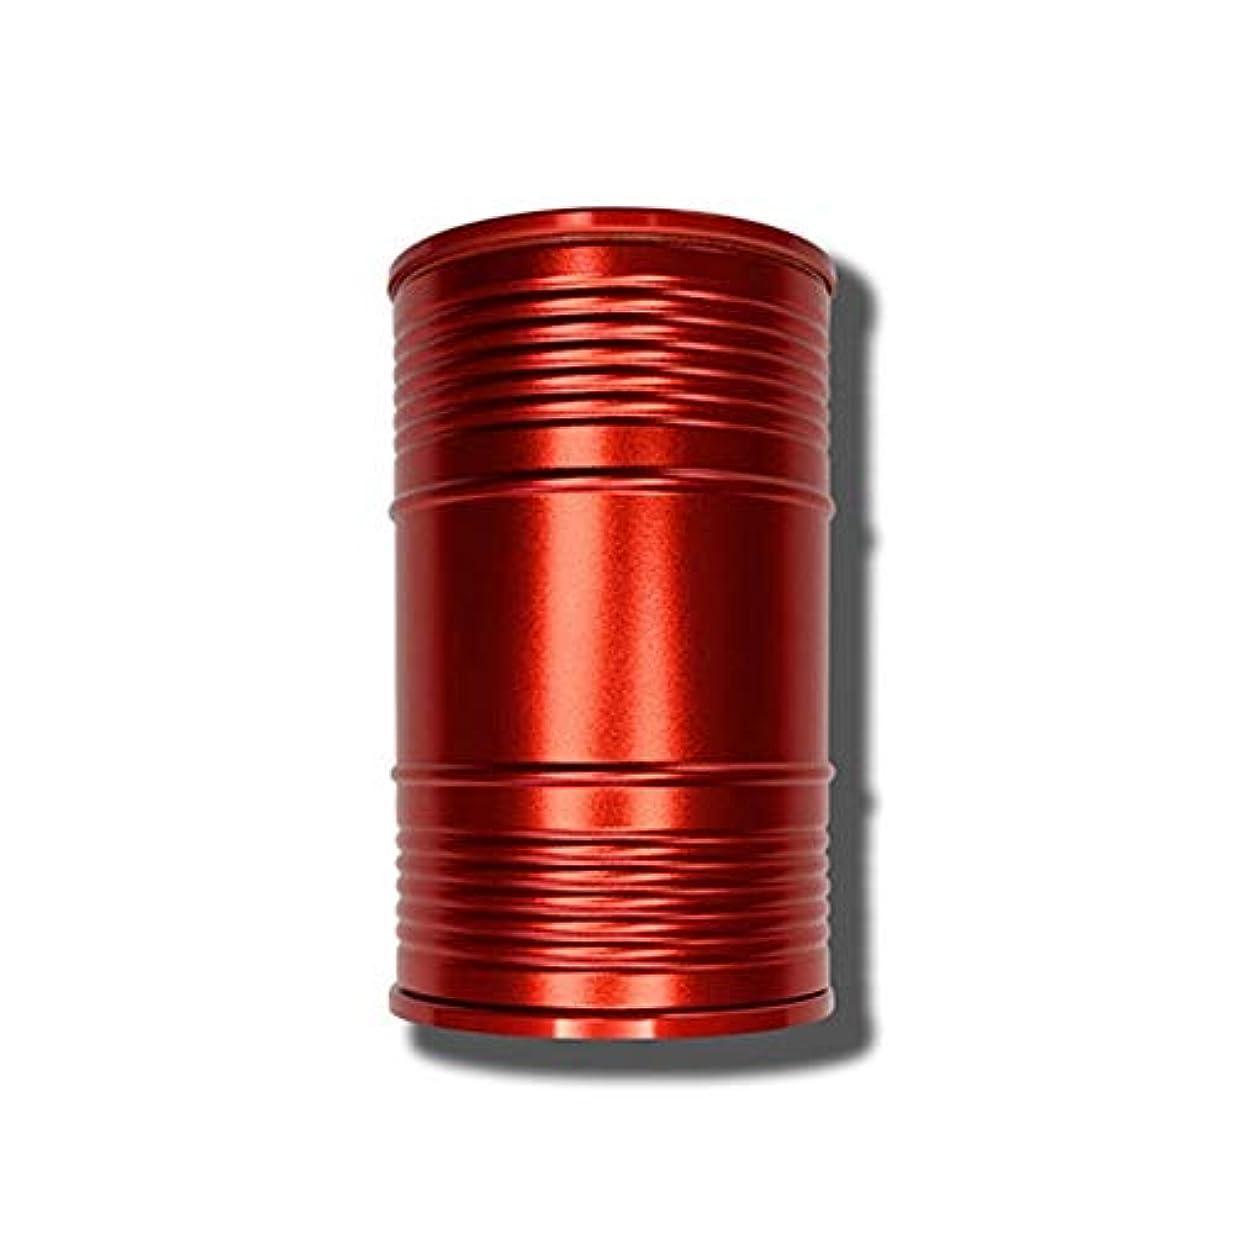 漂流過度に体操創造的なオイルバレル形状ミニ車ポータブル灰皿カバーデザイン個性創造的な金属室内装飾、品質保証 (色 : 赤)